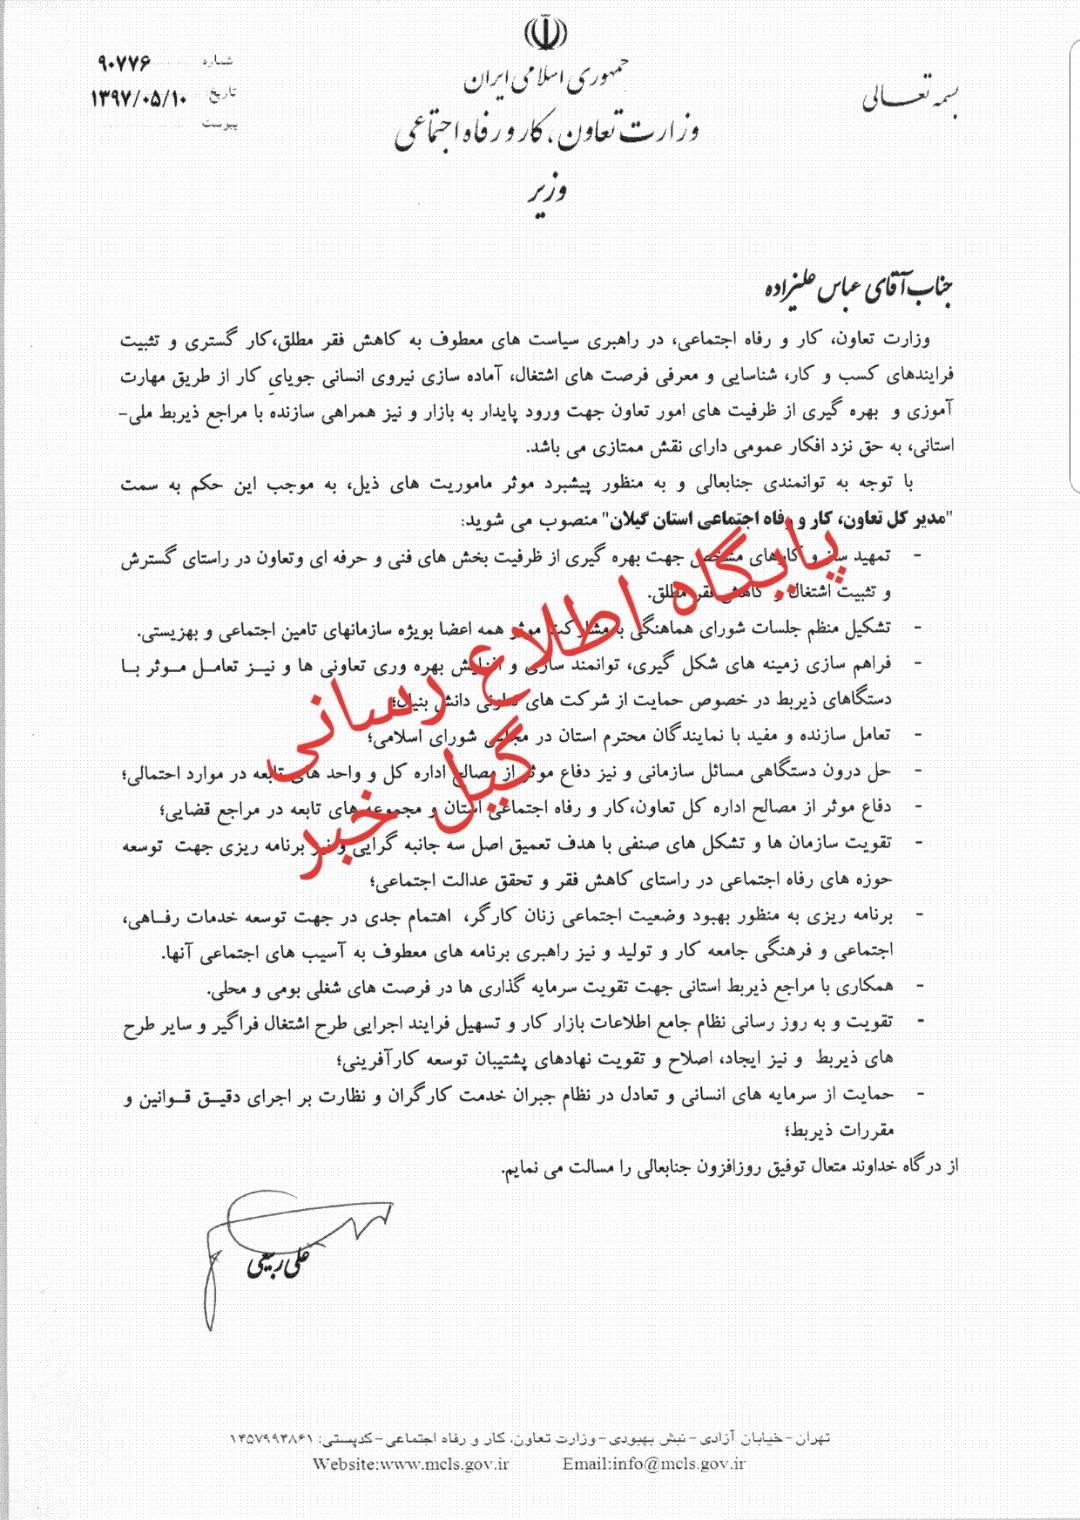 پایان رسمى مدیریت ایزددوست در اداره کل تعاون گیلان/ معارفه علیزاده بعنوان مدیرکل جدید+تصویر حکم